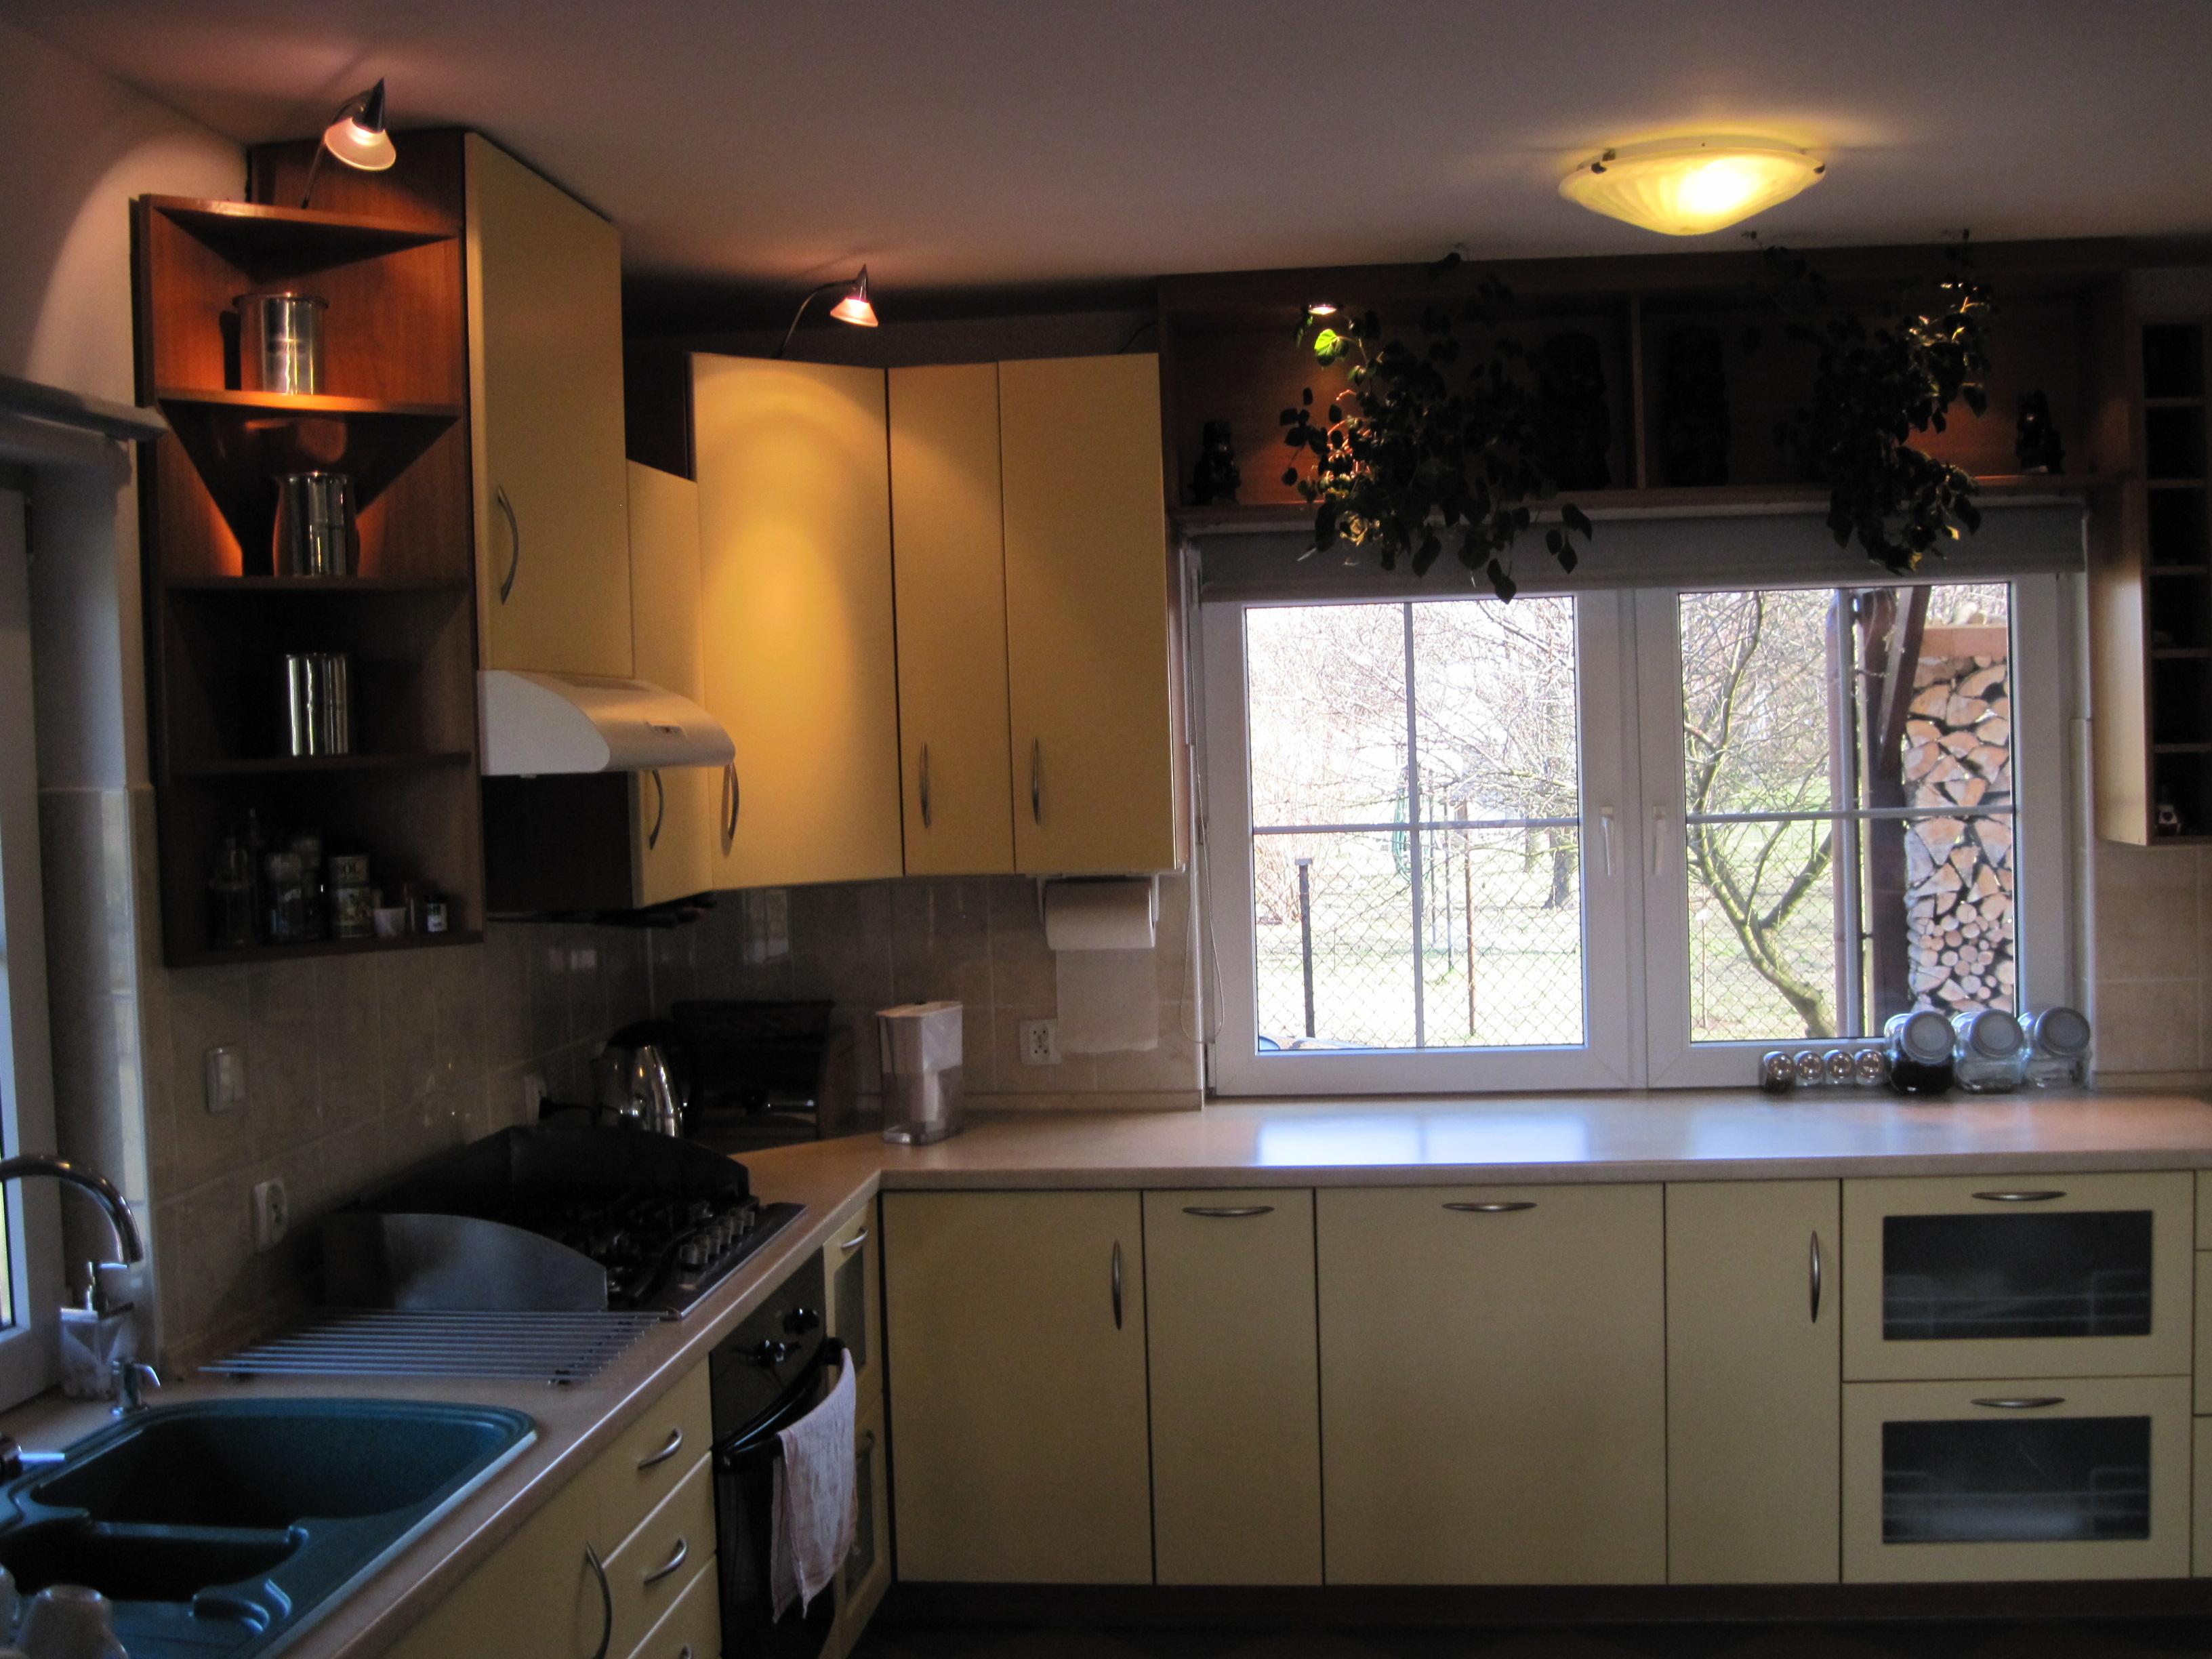 Projekt kuchni z salonem kuchnia na wymiar warszawa for Polaczenie kuchni z salonem